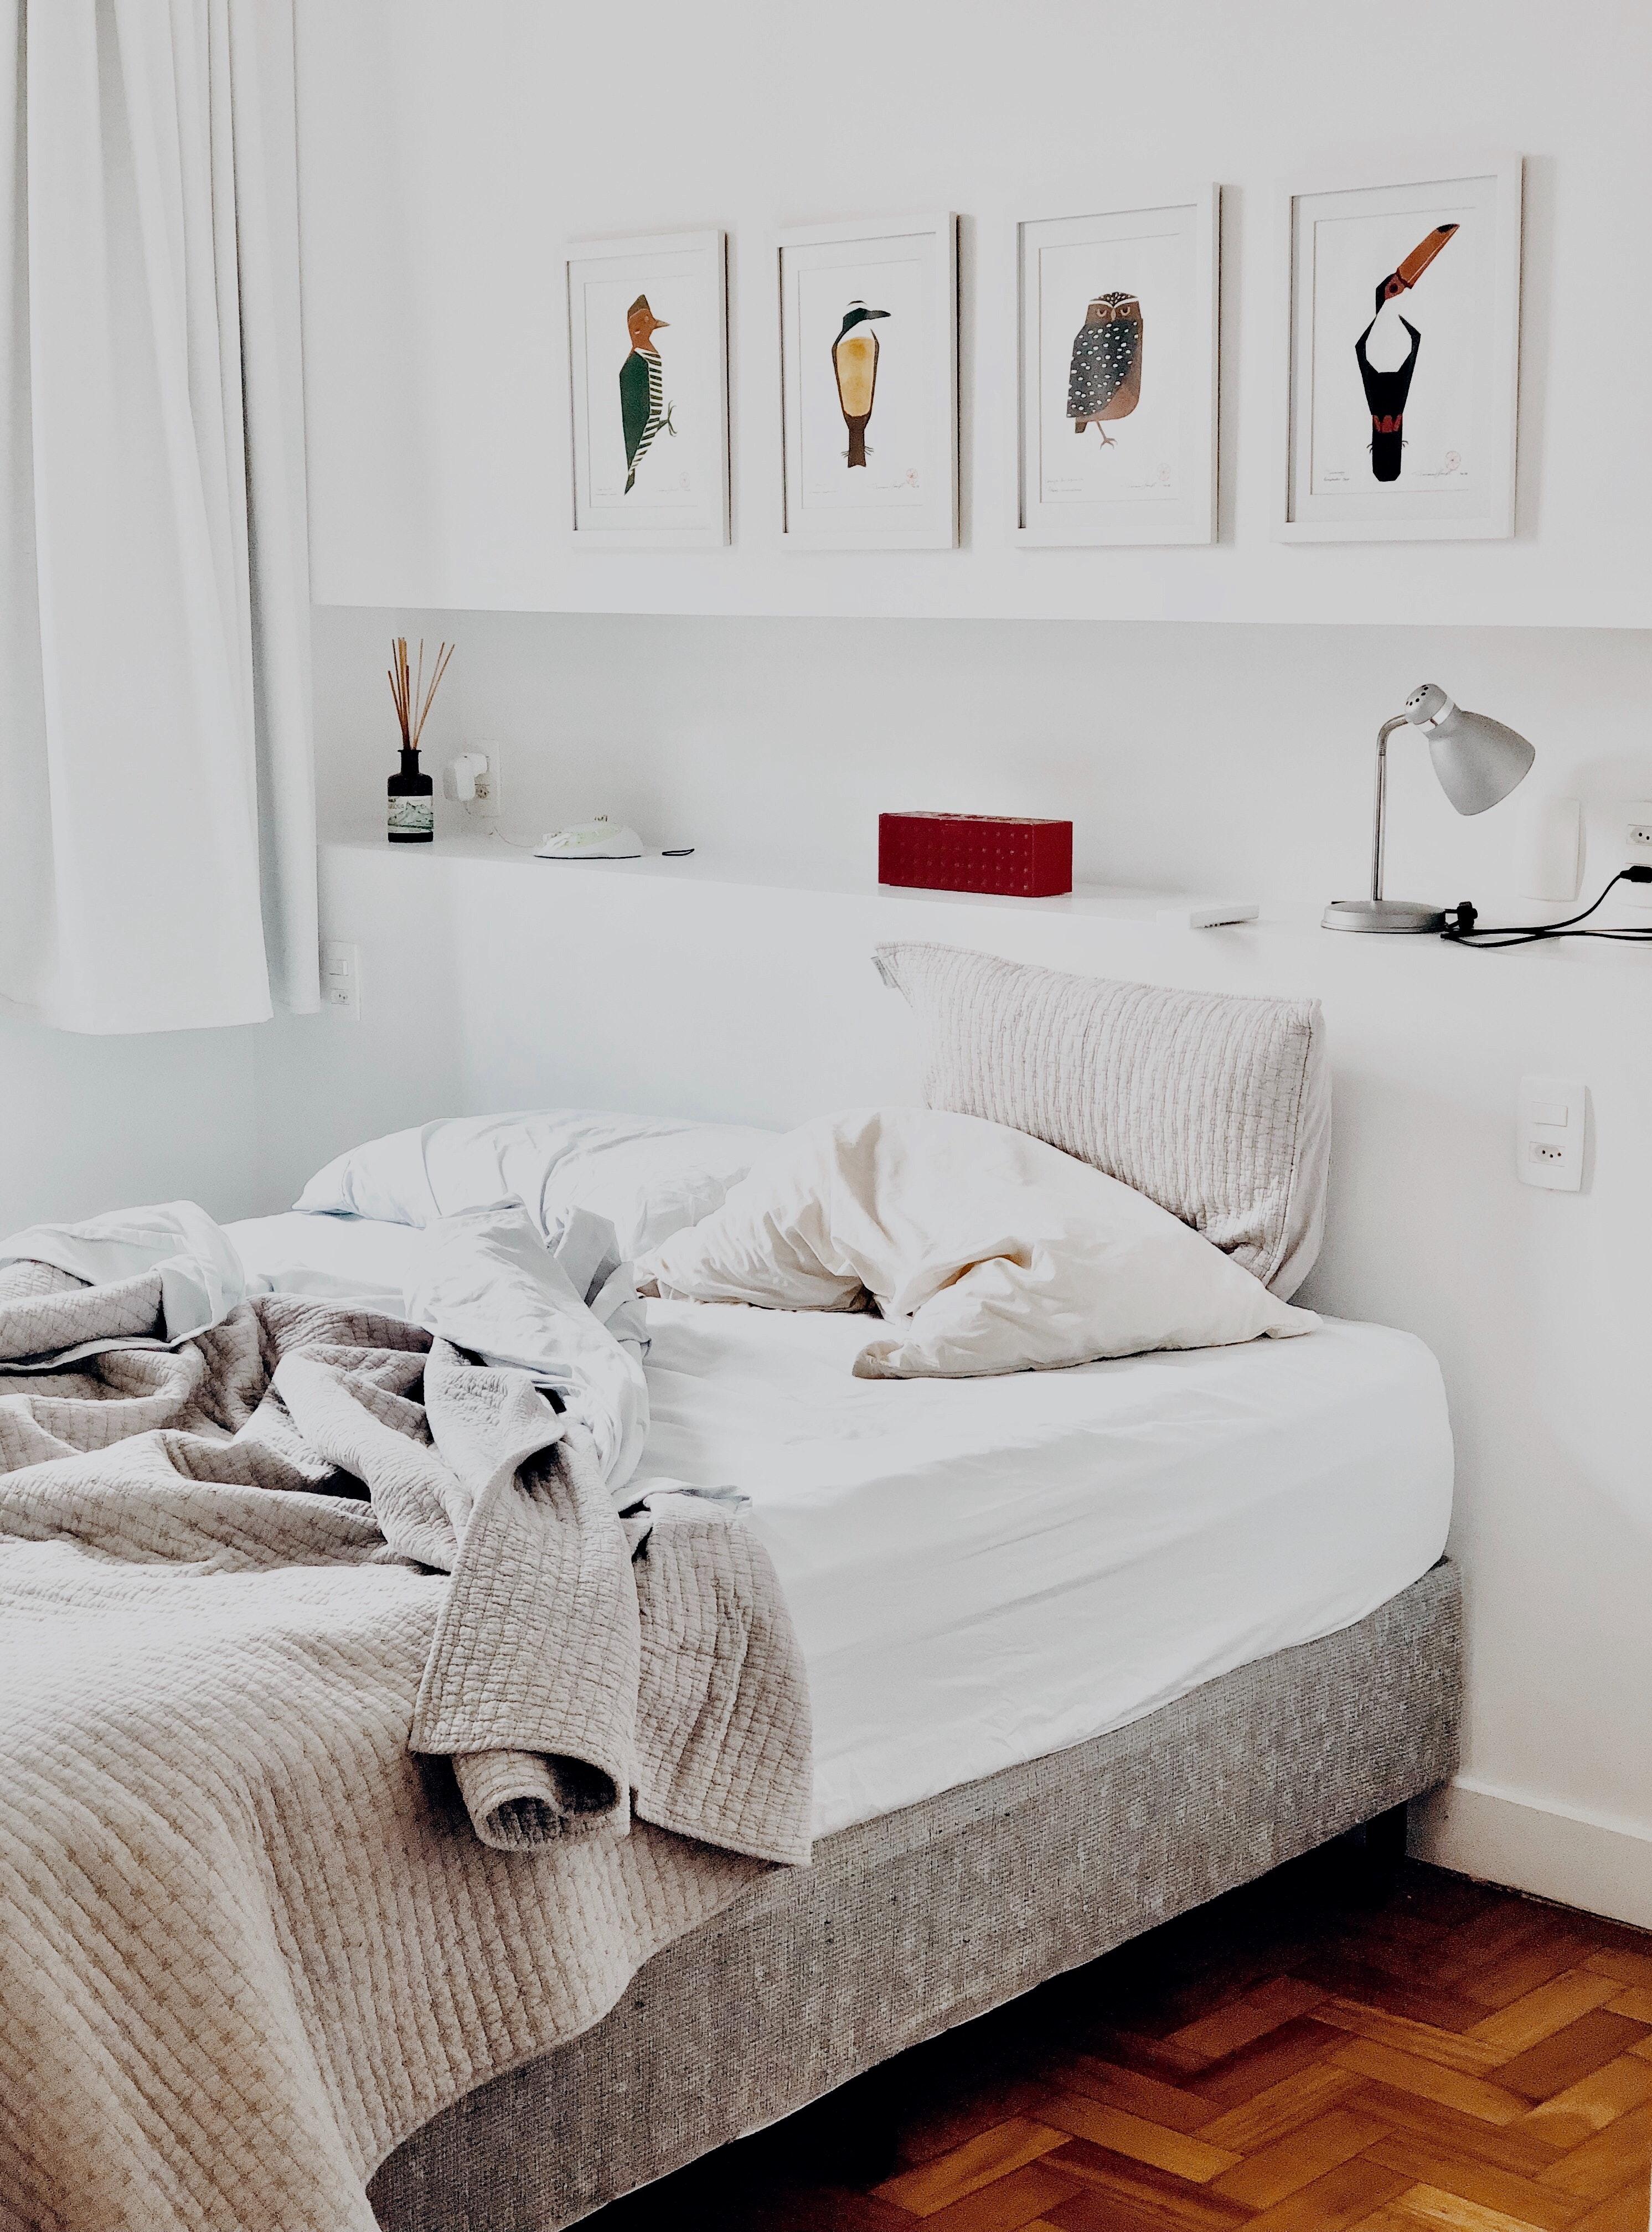 Banco De Imagens Apartamento Cama Cama Quarto Conforto